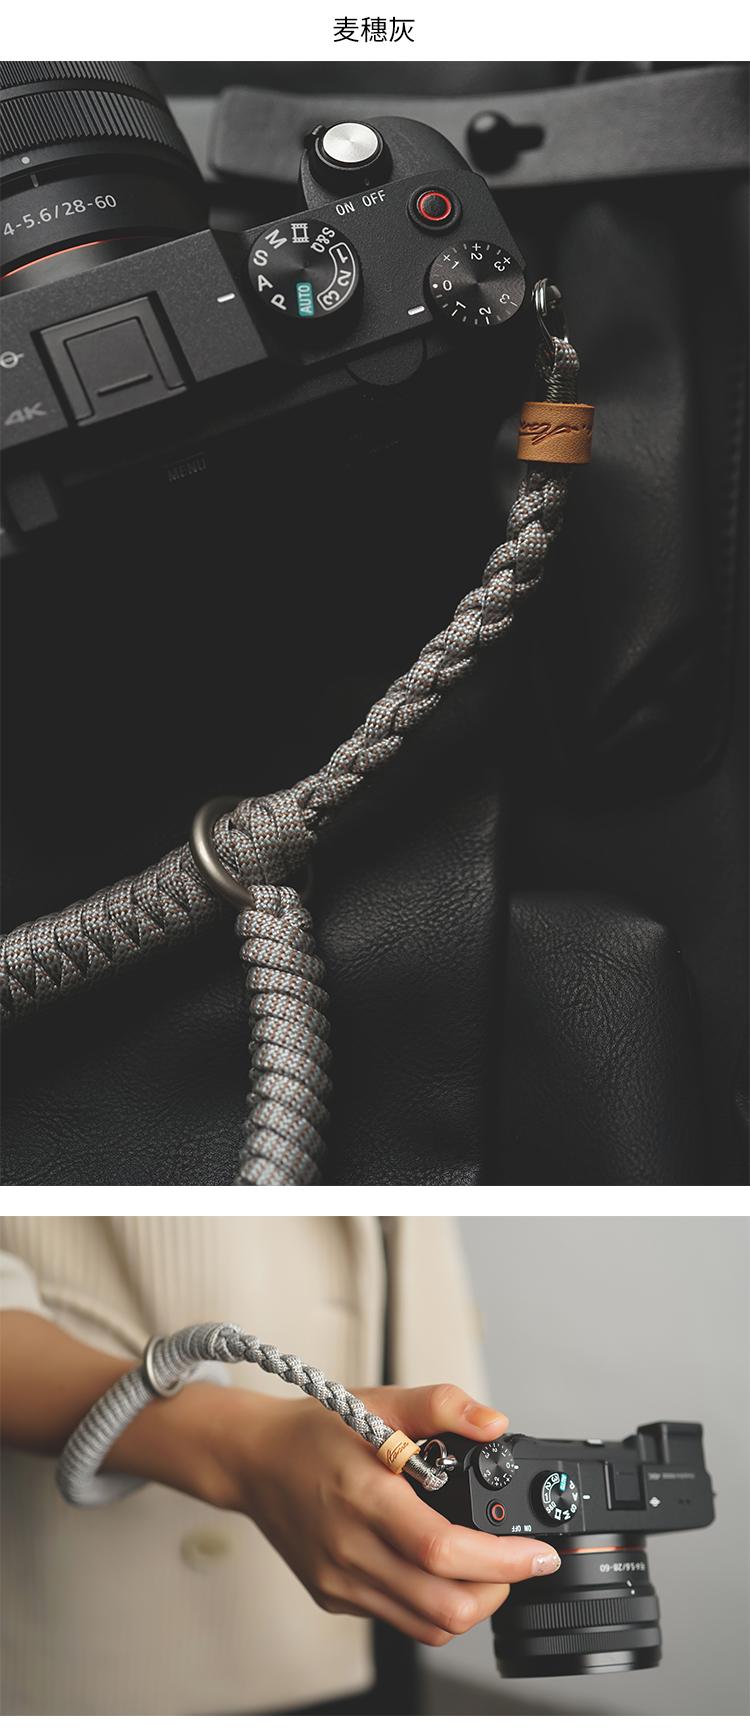 相機配件Mrstone Twine系列 手工編織微單相機腕帶掛繩肩徠卡富士原創配件